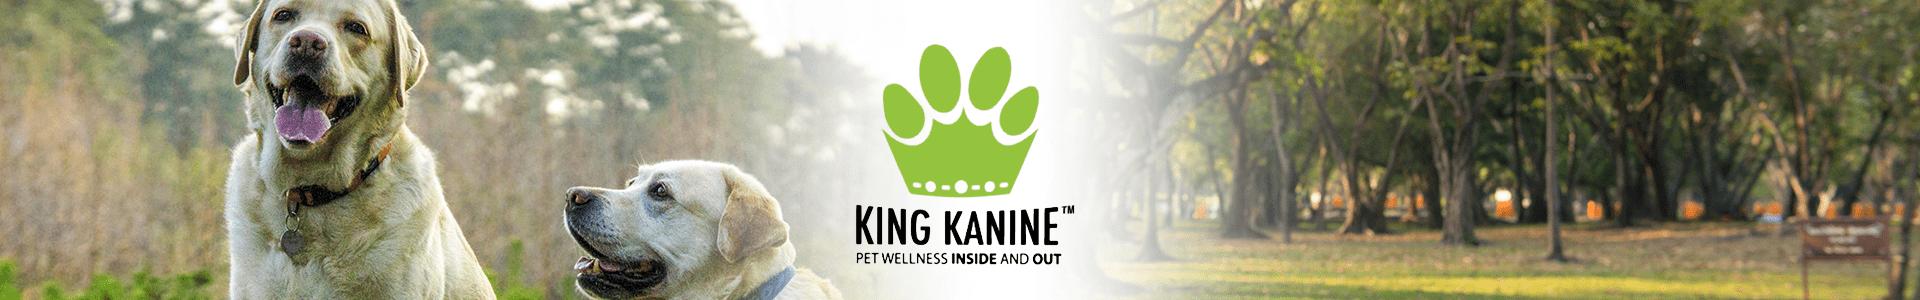 Buy King Kanine CBD Online